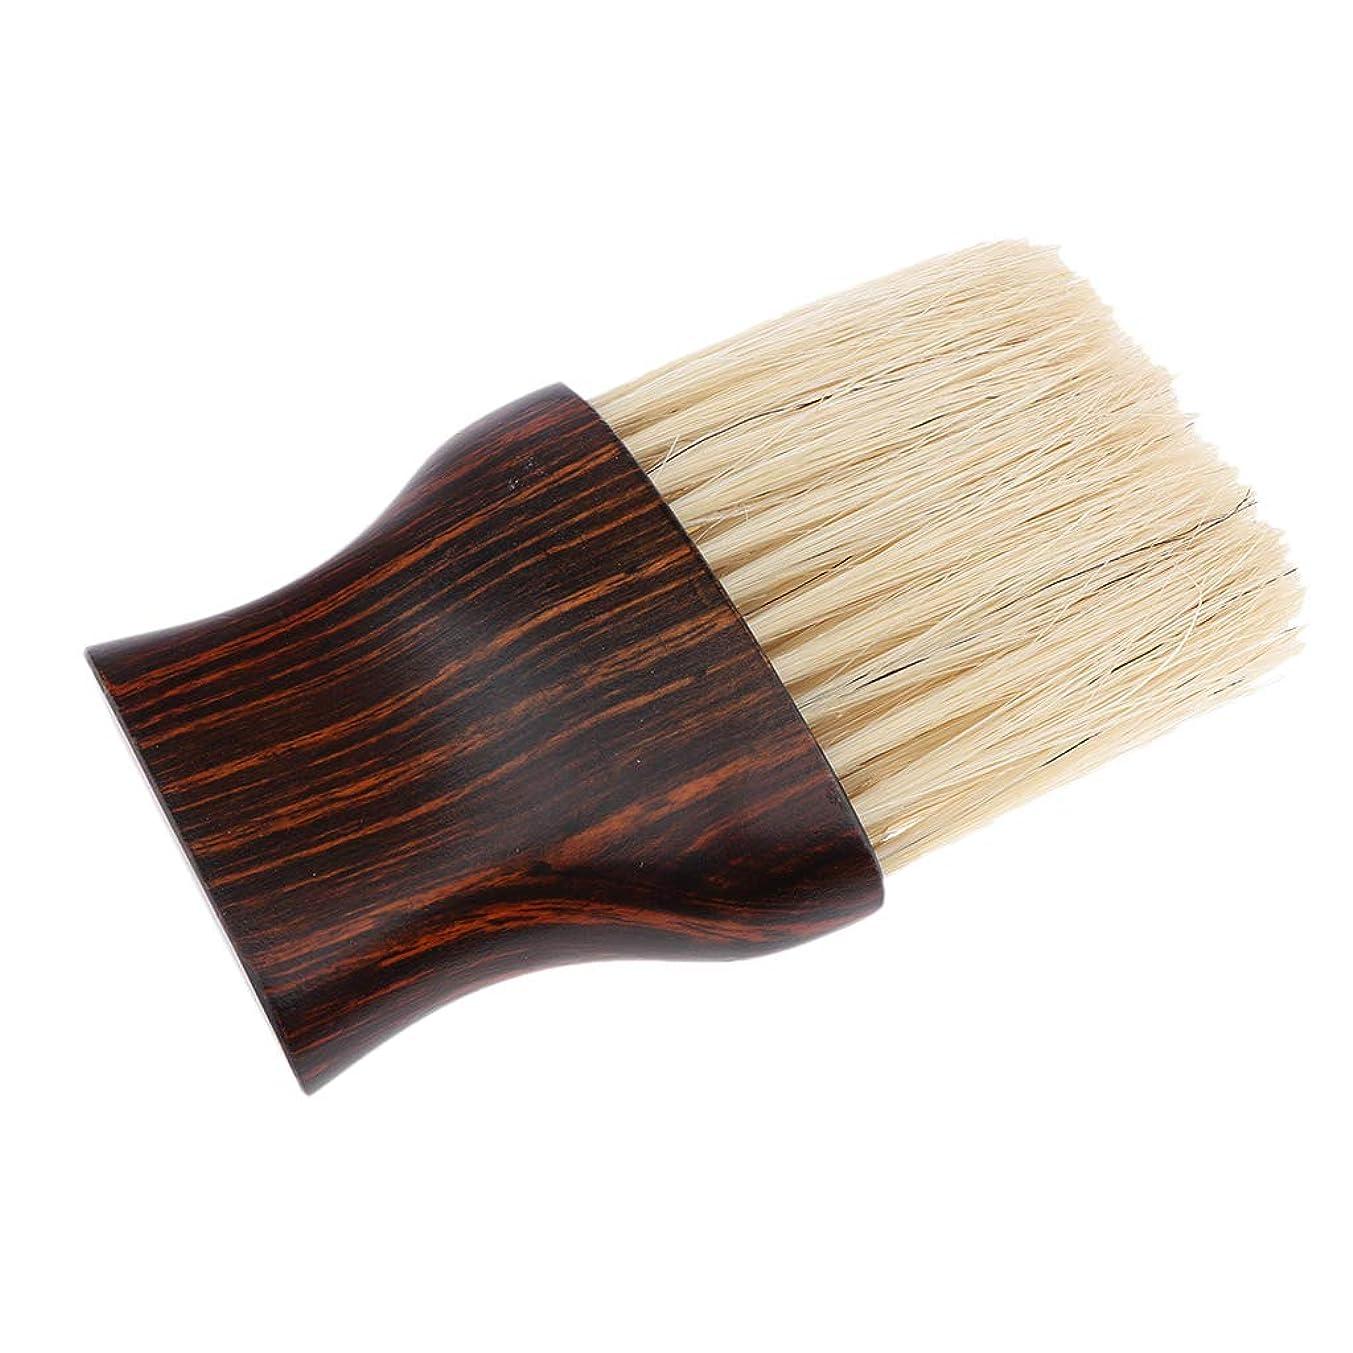 外観またはどちらか解説T TOOYFUL ヘアブラシ 毛払いブラシ 散髪 髪切り 散髪用ツール 床屋 理髪店 美容院 ソフトブラシ